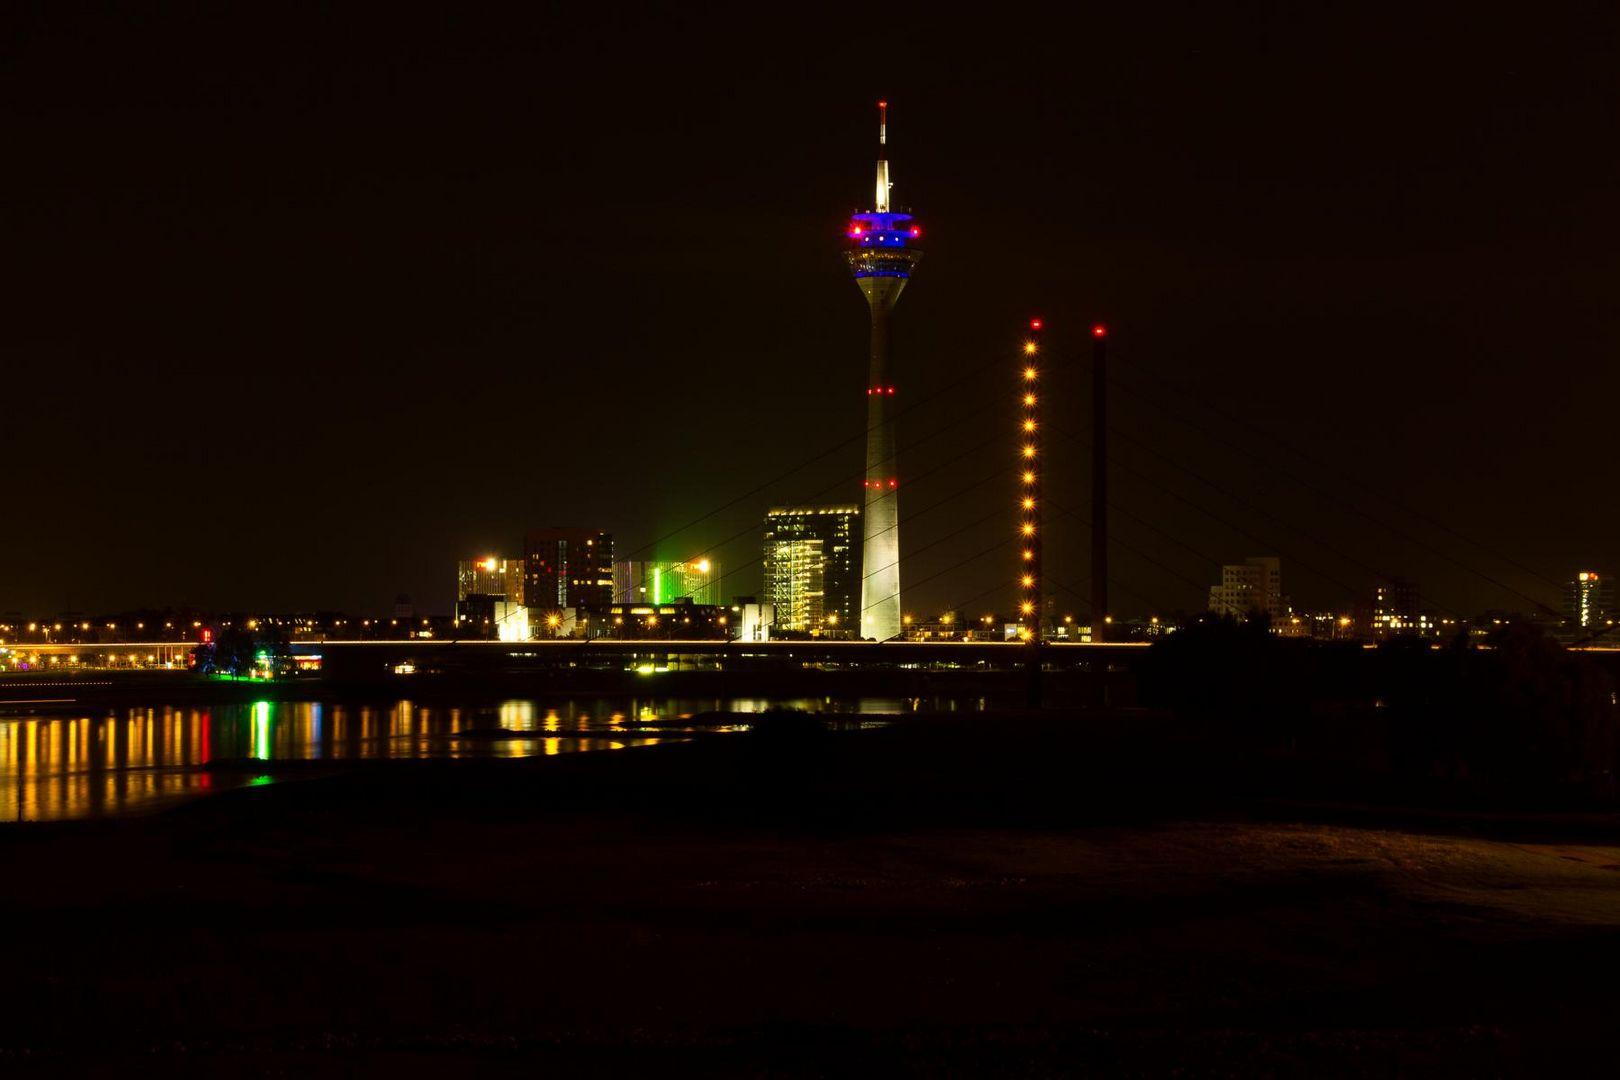 Der Rheinturm von Düsseldorf